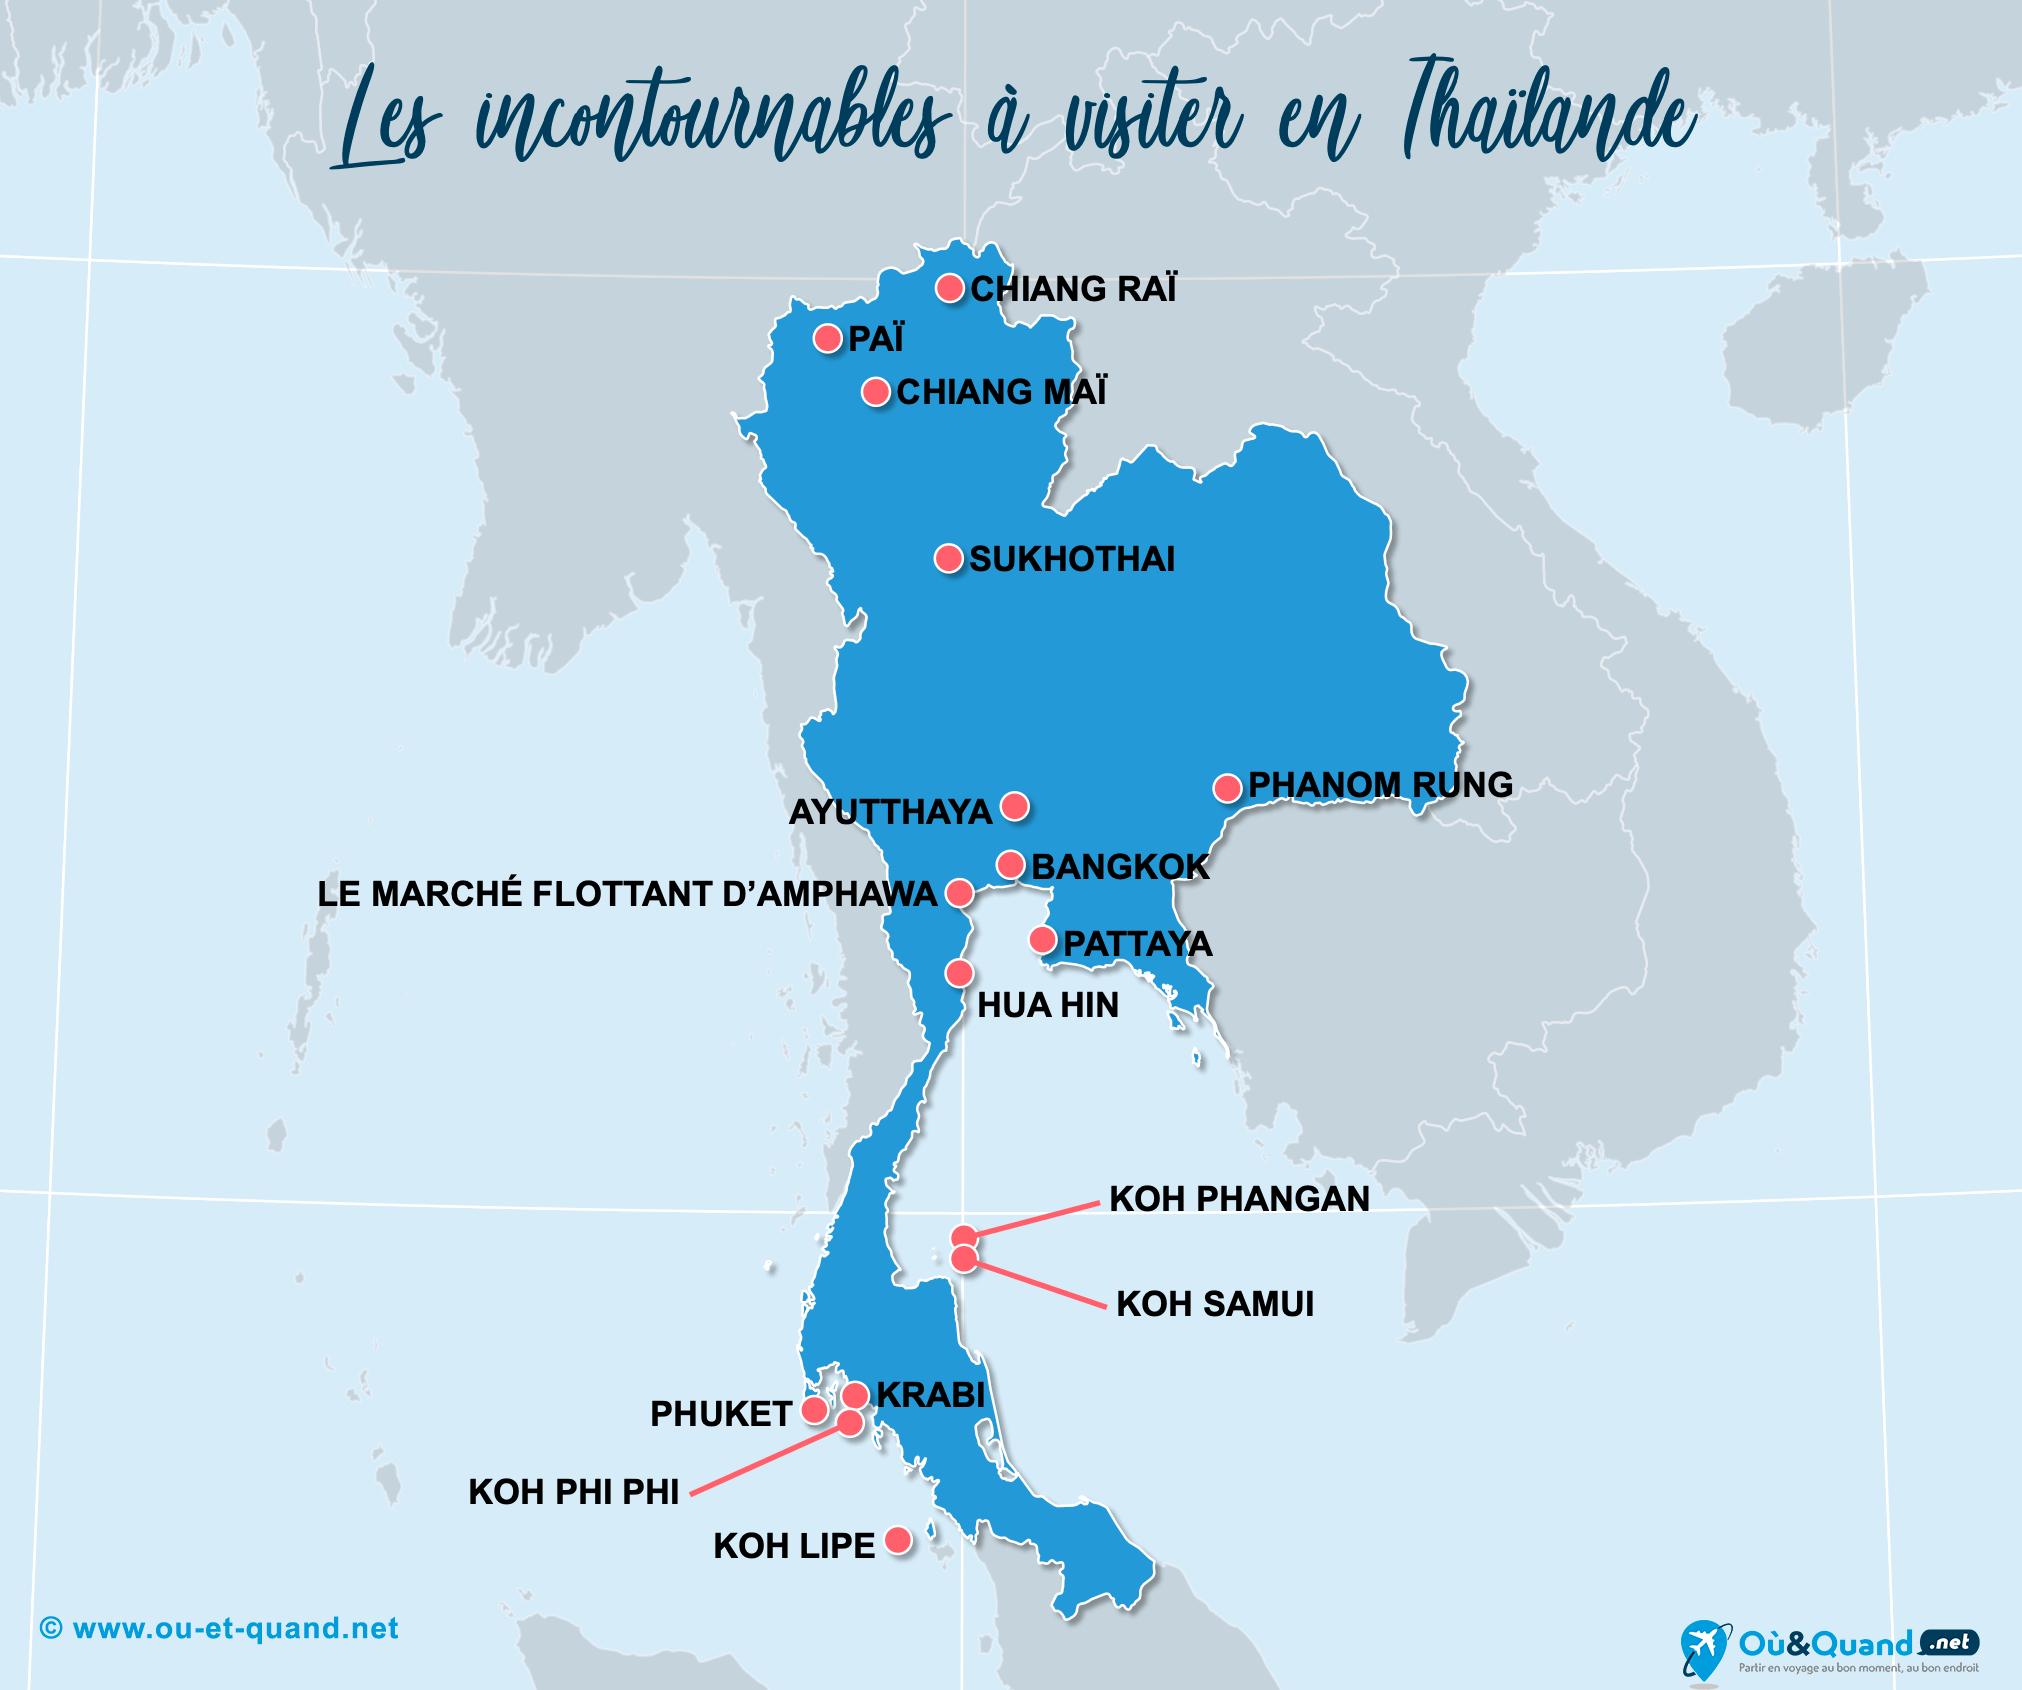 Carte Thaïlande : Les lieux incontournables en Thaïlande